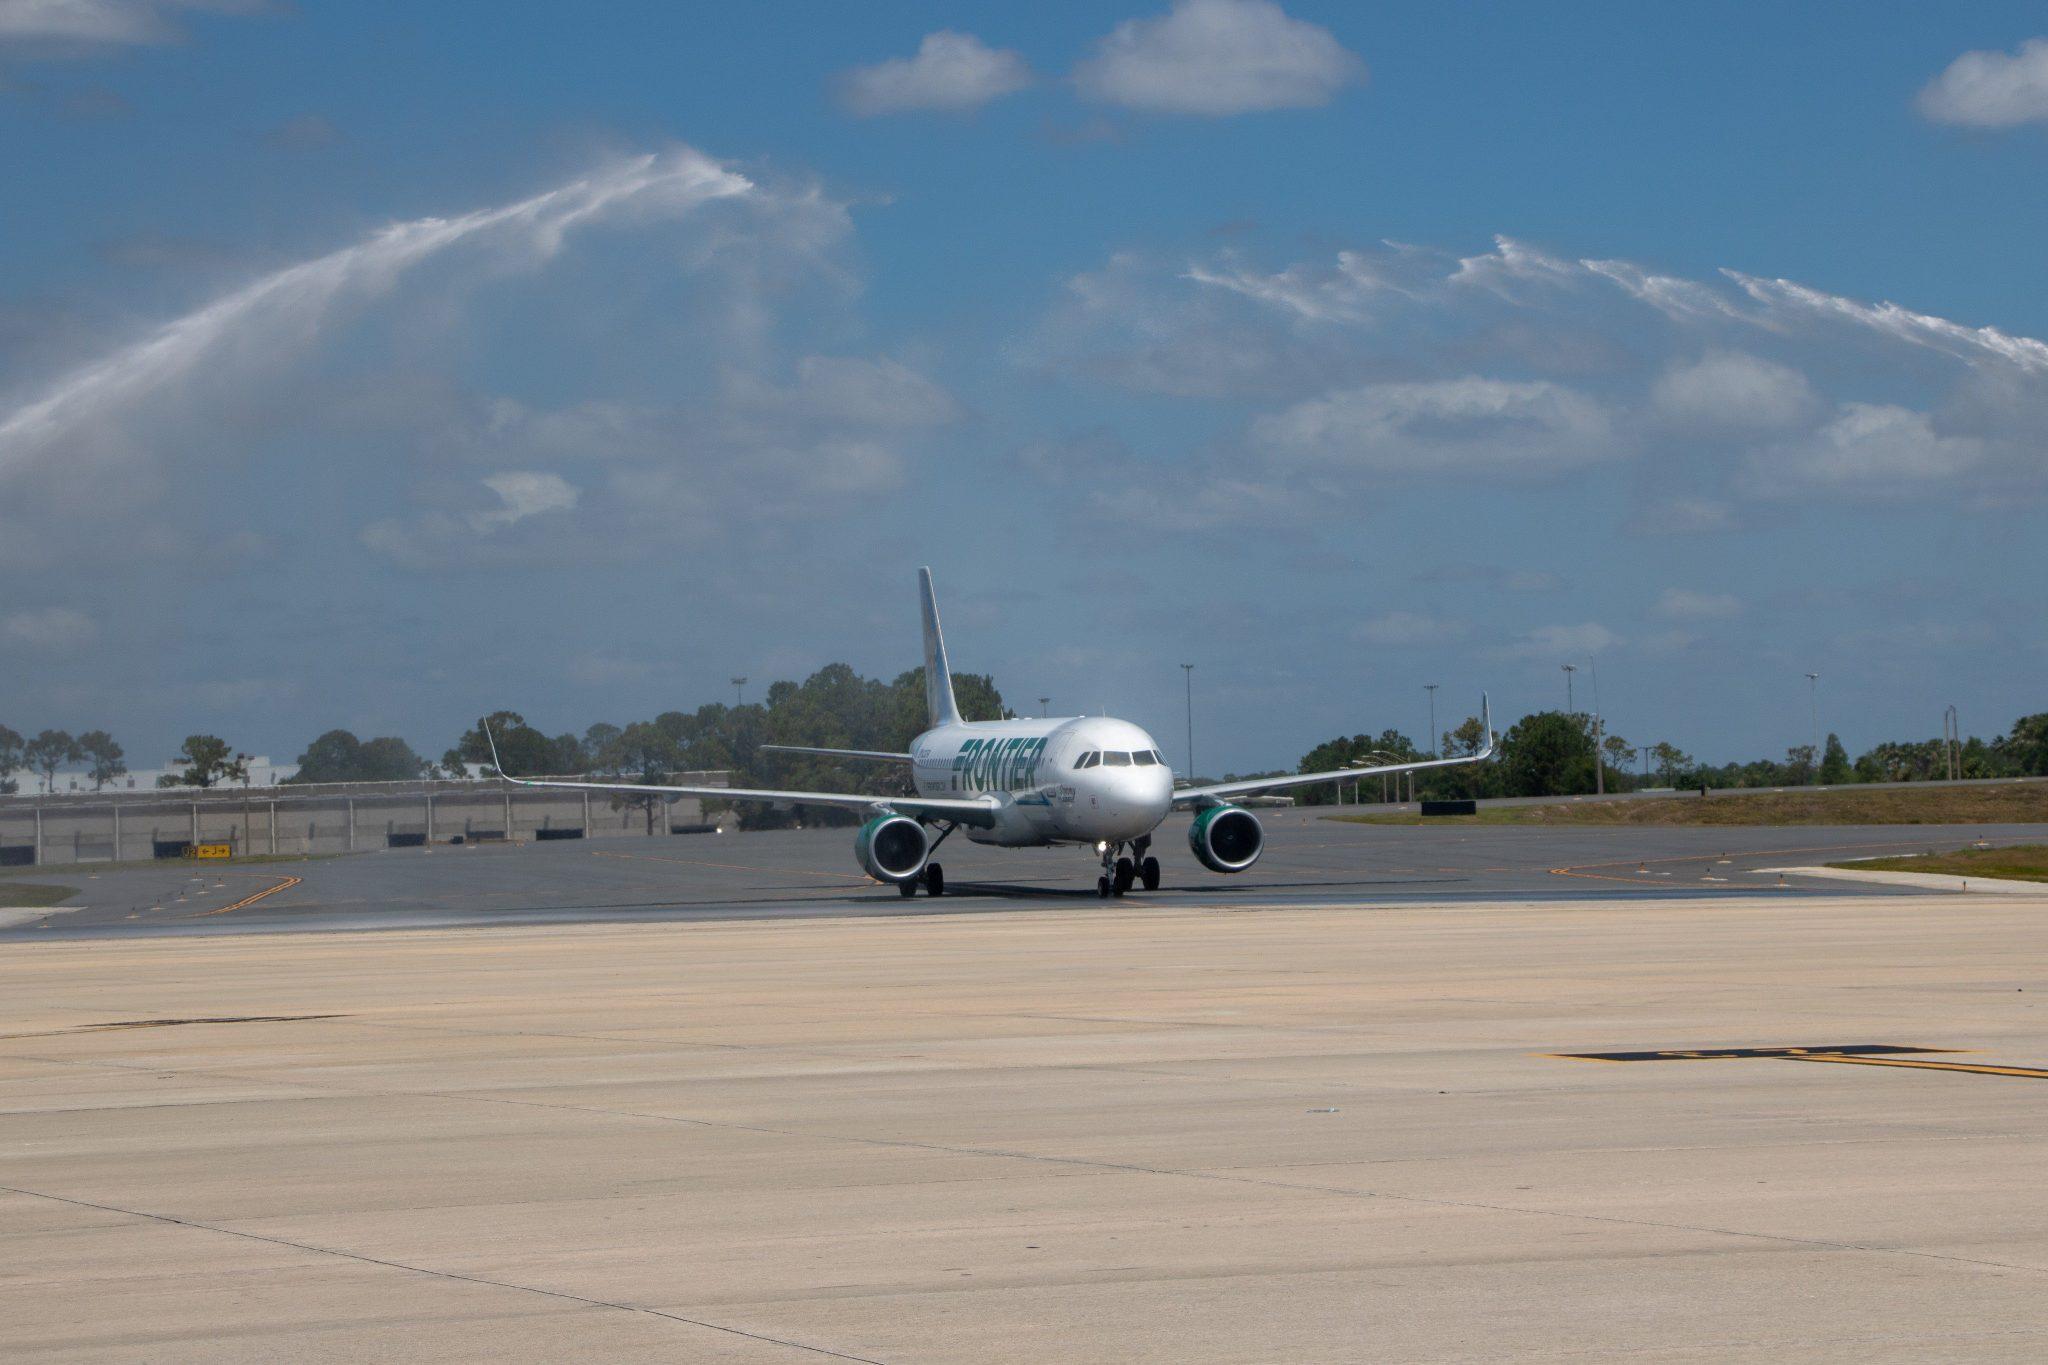 Aerolínea Frontier realiza vuelo inaugural desde Orlando, Florida a Punta Cana